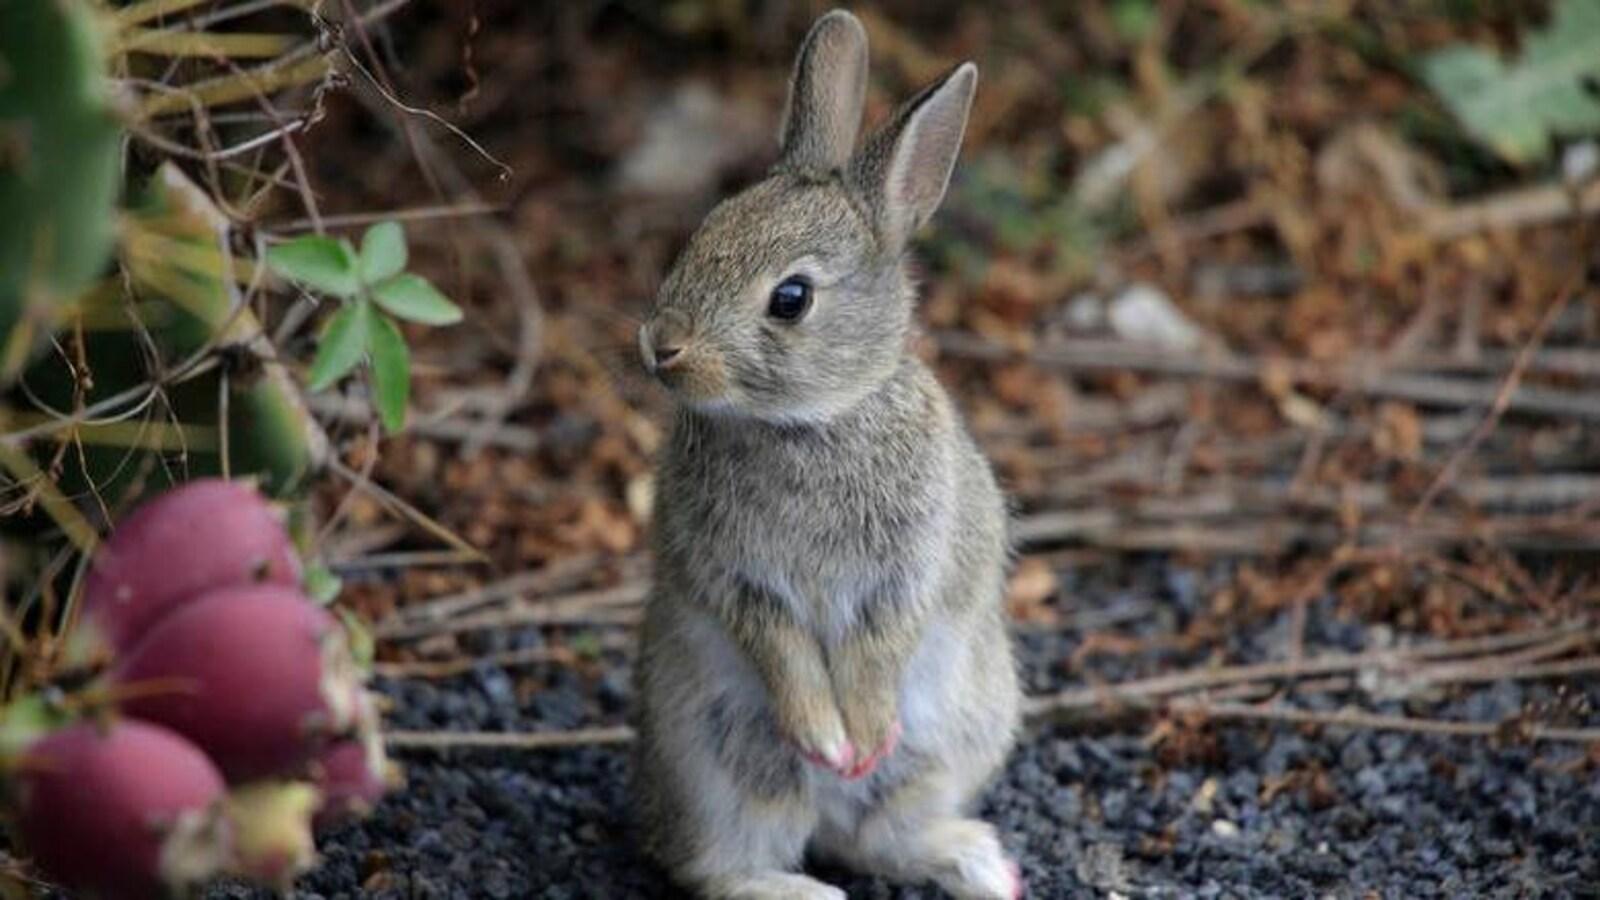 Un petit lapin debout sur ses pattes arrières près d'un buisson et des brindilles.